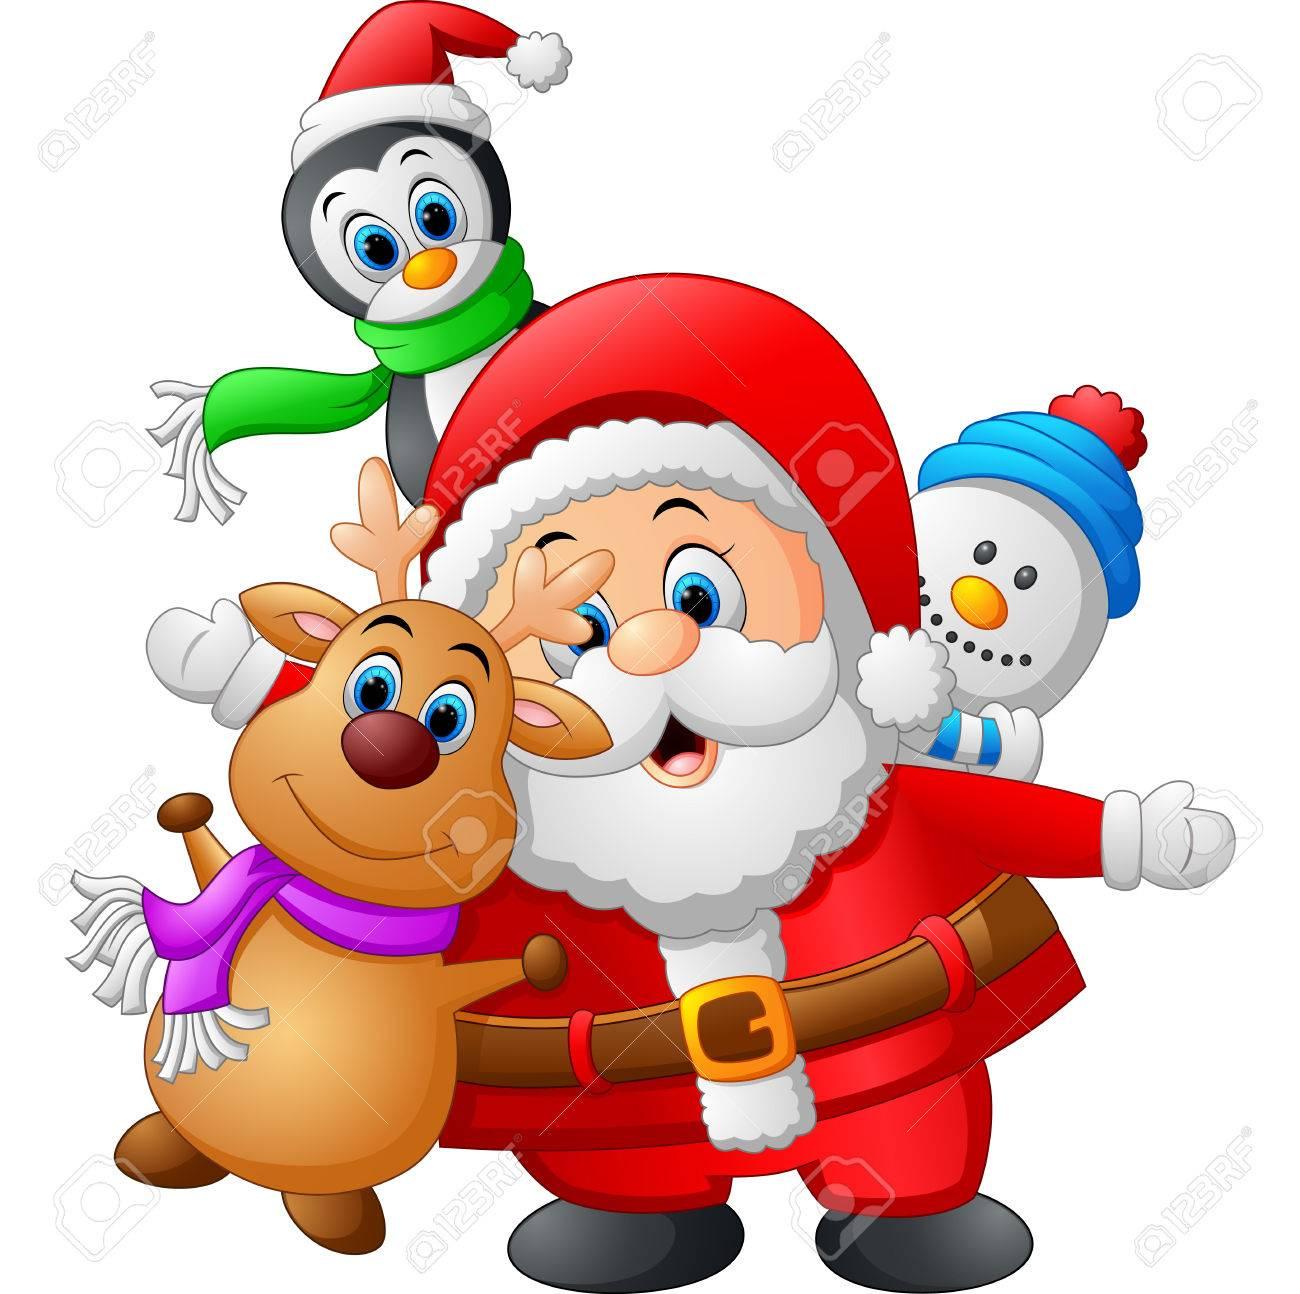 Colecciones De Munecas De Dibujos Animados De Navidad Fotos